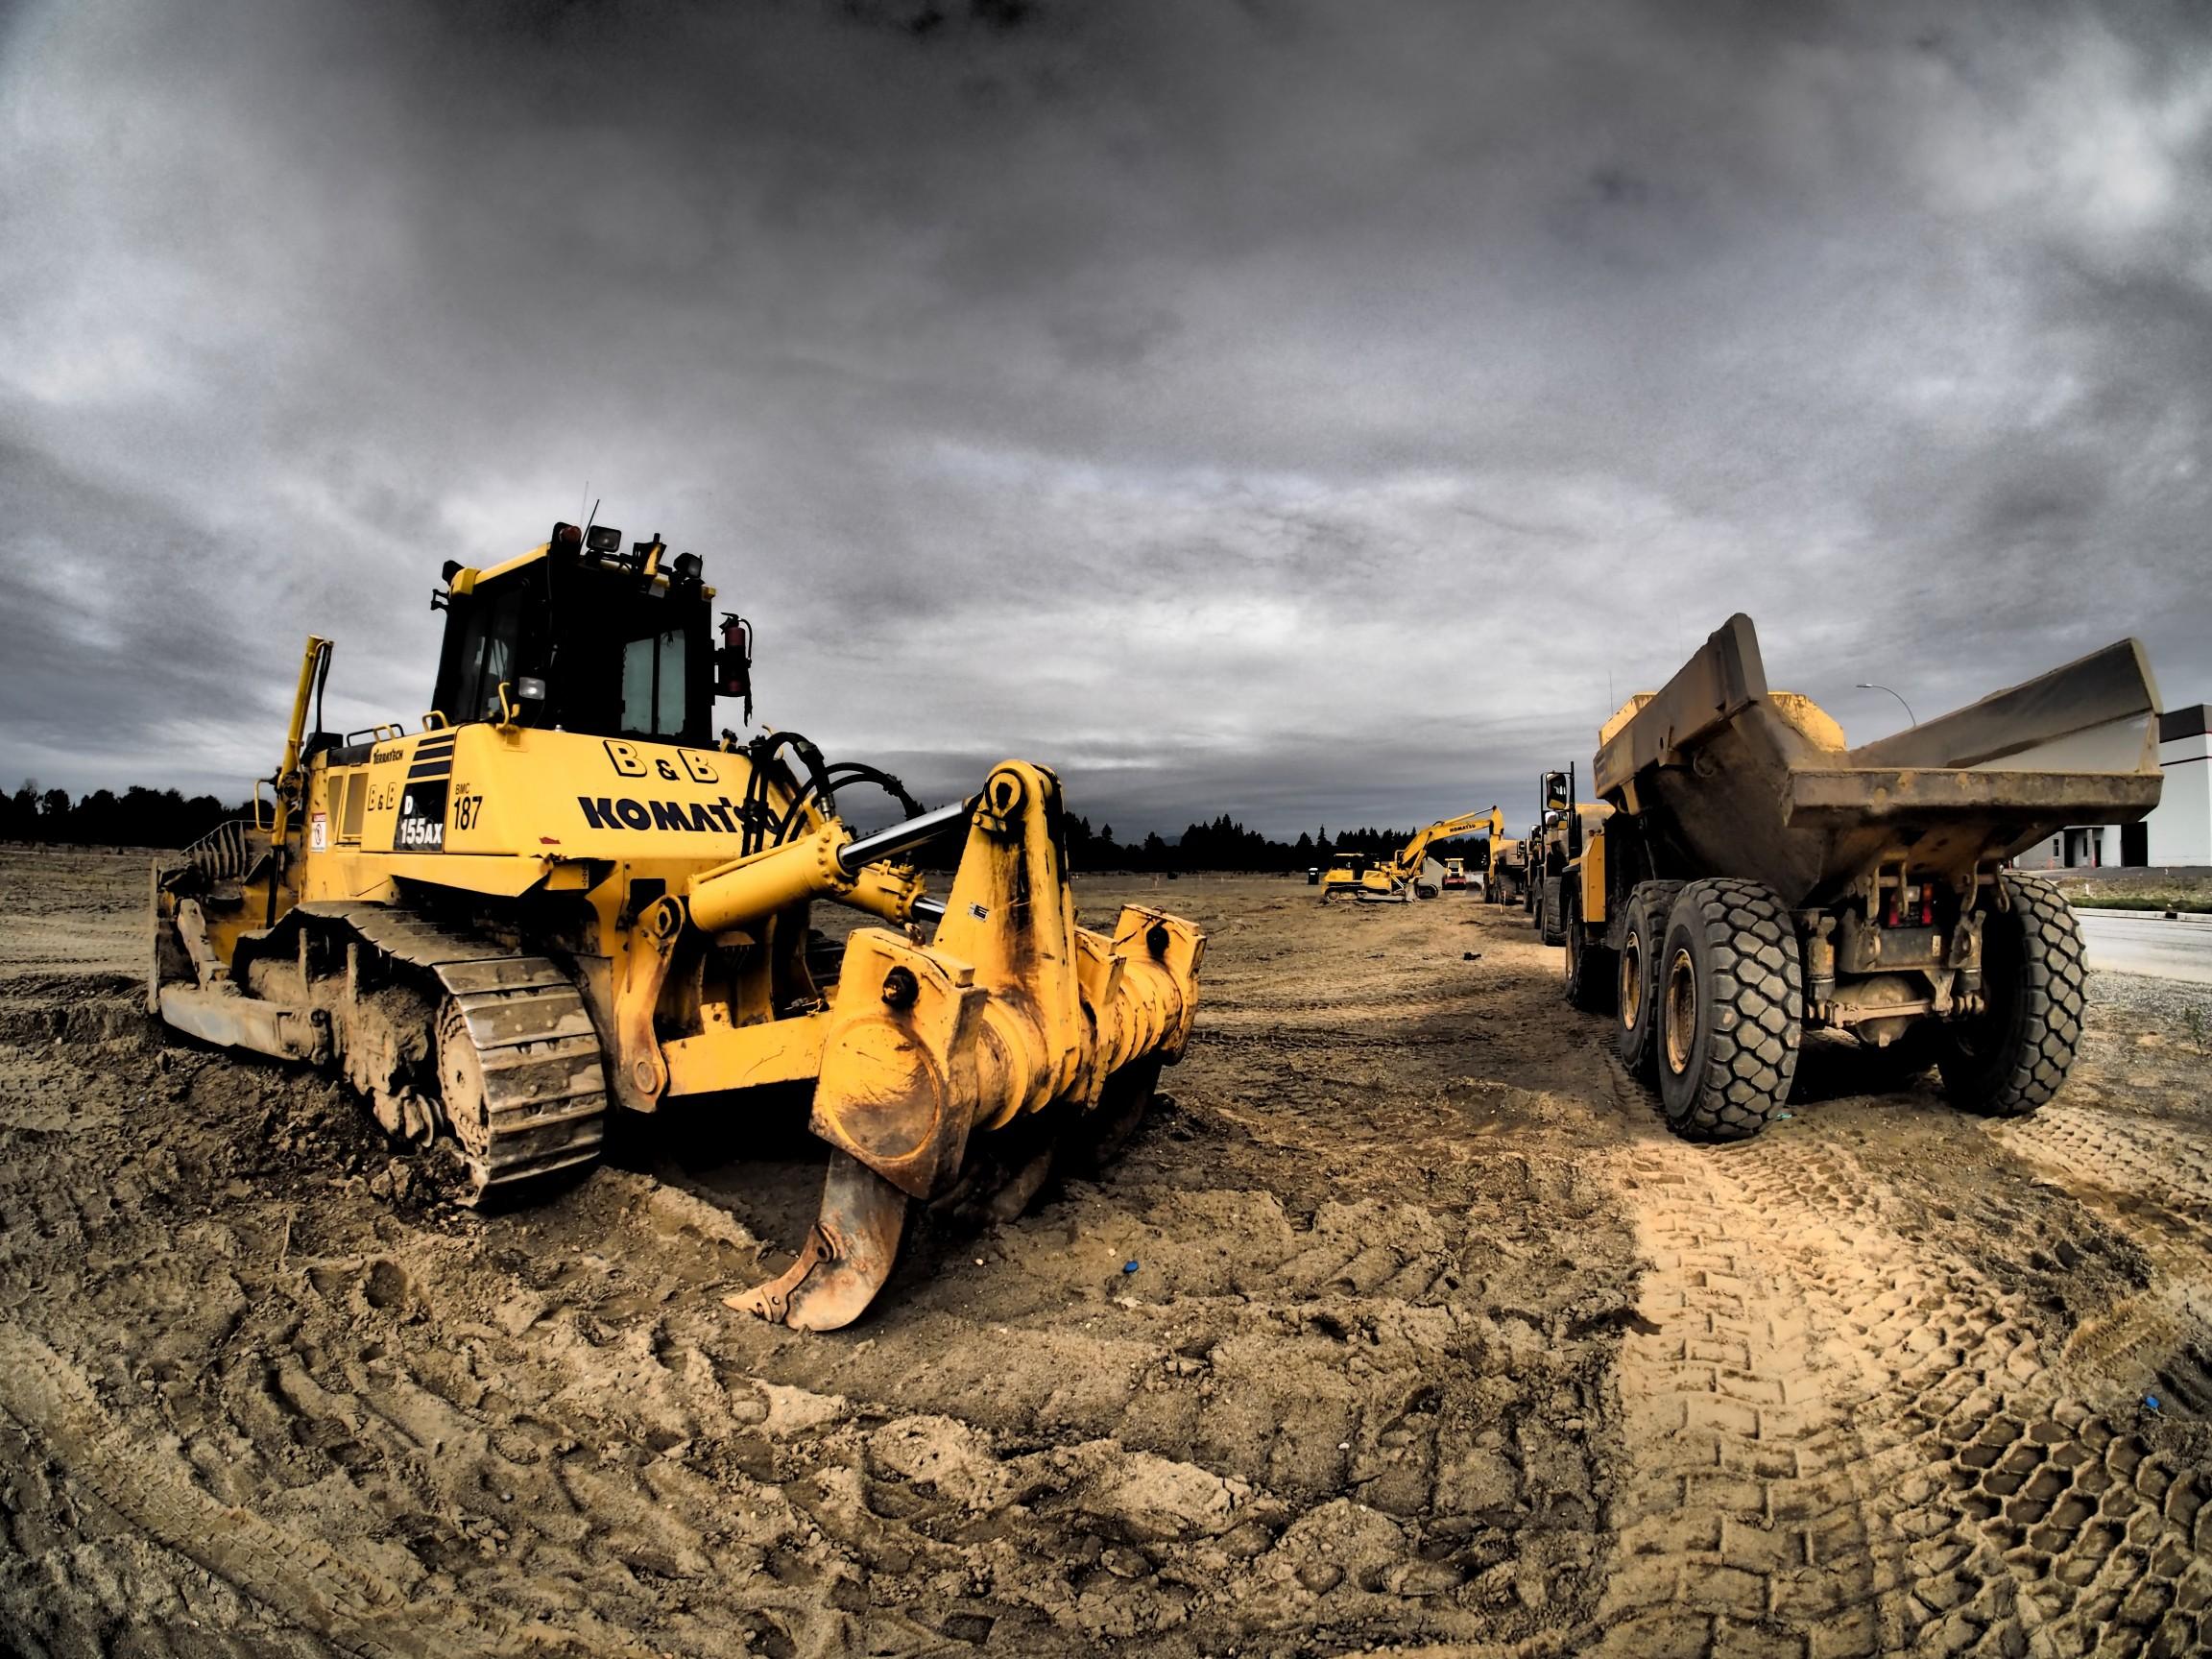 Excavation Contractor Surrey Dump Truck & Komatsu - B&B Contracting - Heavy Equipment.jpg